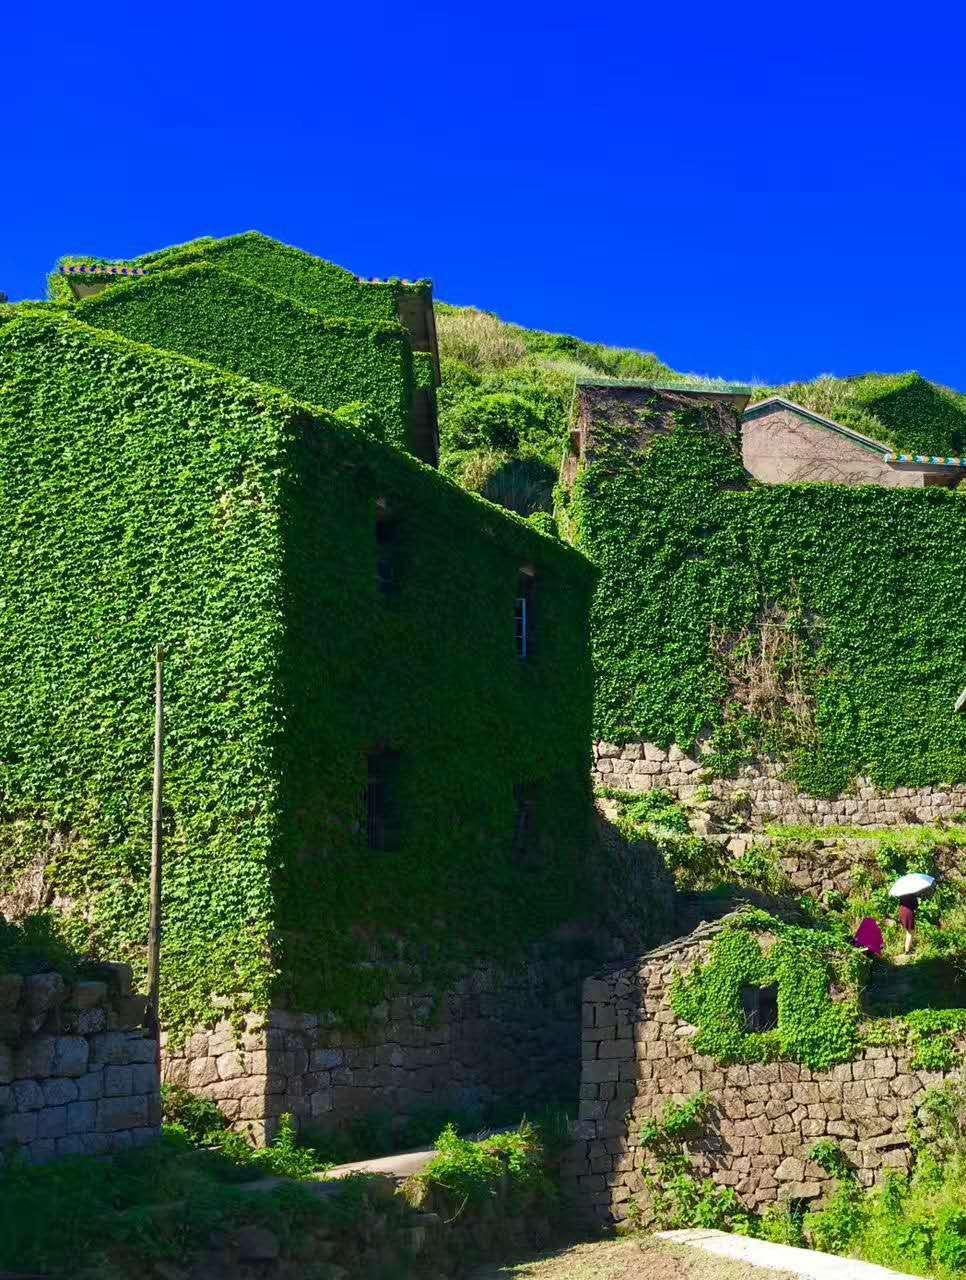 嵊山岛另一个值得一游的地方– 后头湾荒村, 也就是传说中绿野仙踪